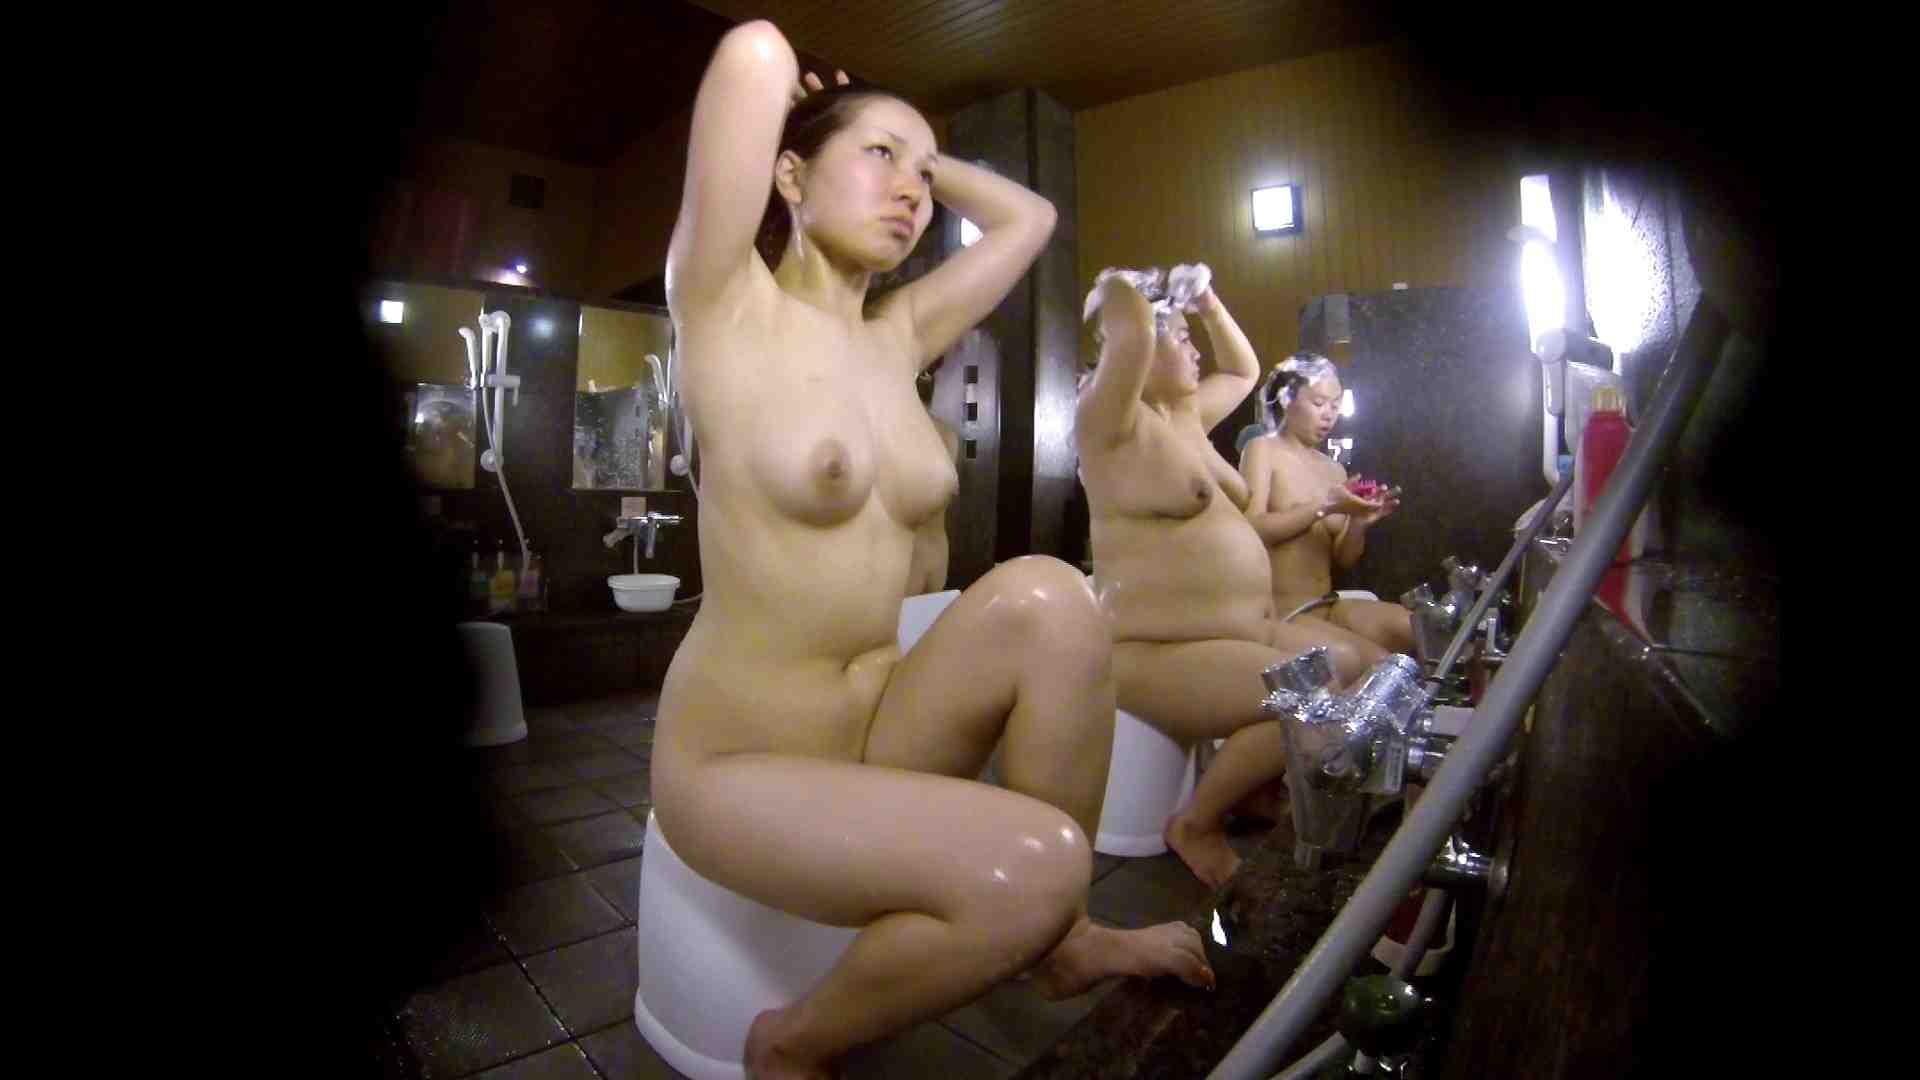 洗い場!色白でなかなかの美巨乳。柔らかく揺れまくりです 銭湯 盗み撮りオマンコ動画キャプチャ 92pic 62